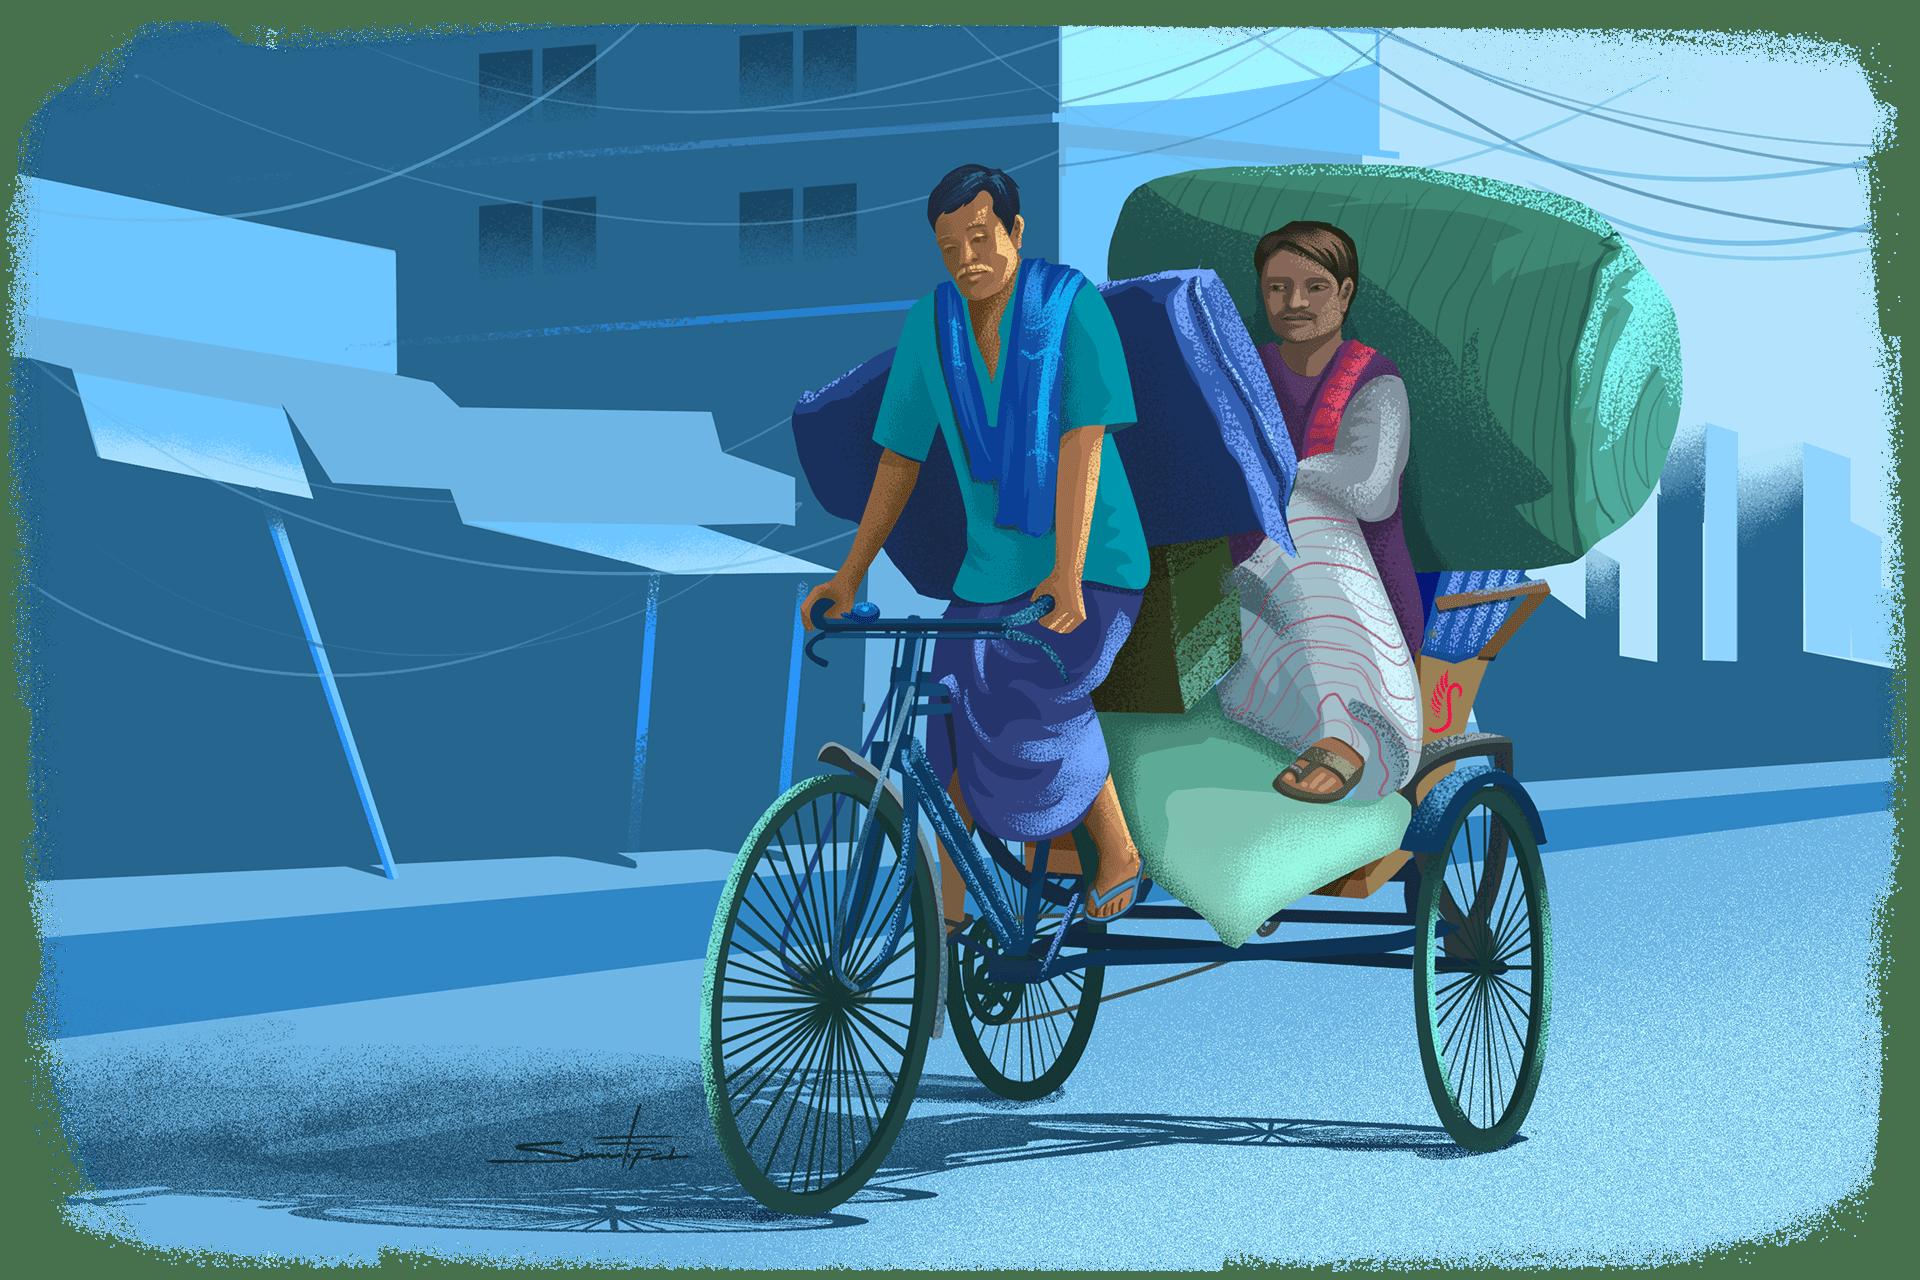 ব্যাগ ধরে ছিনতাইকারীর  টান, চলন্ত রিকশা থেকে পড়ে গিয়ে নারীর মৃত্যু